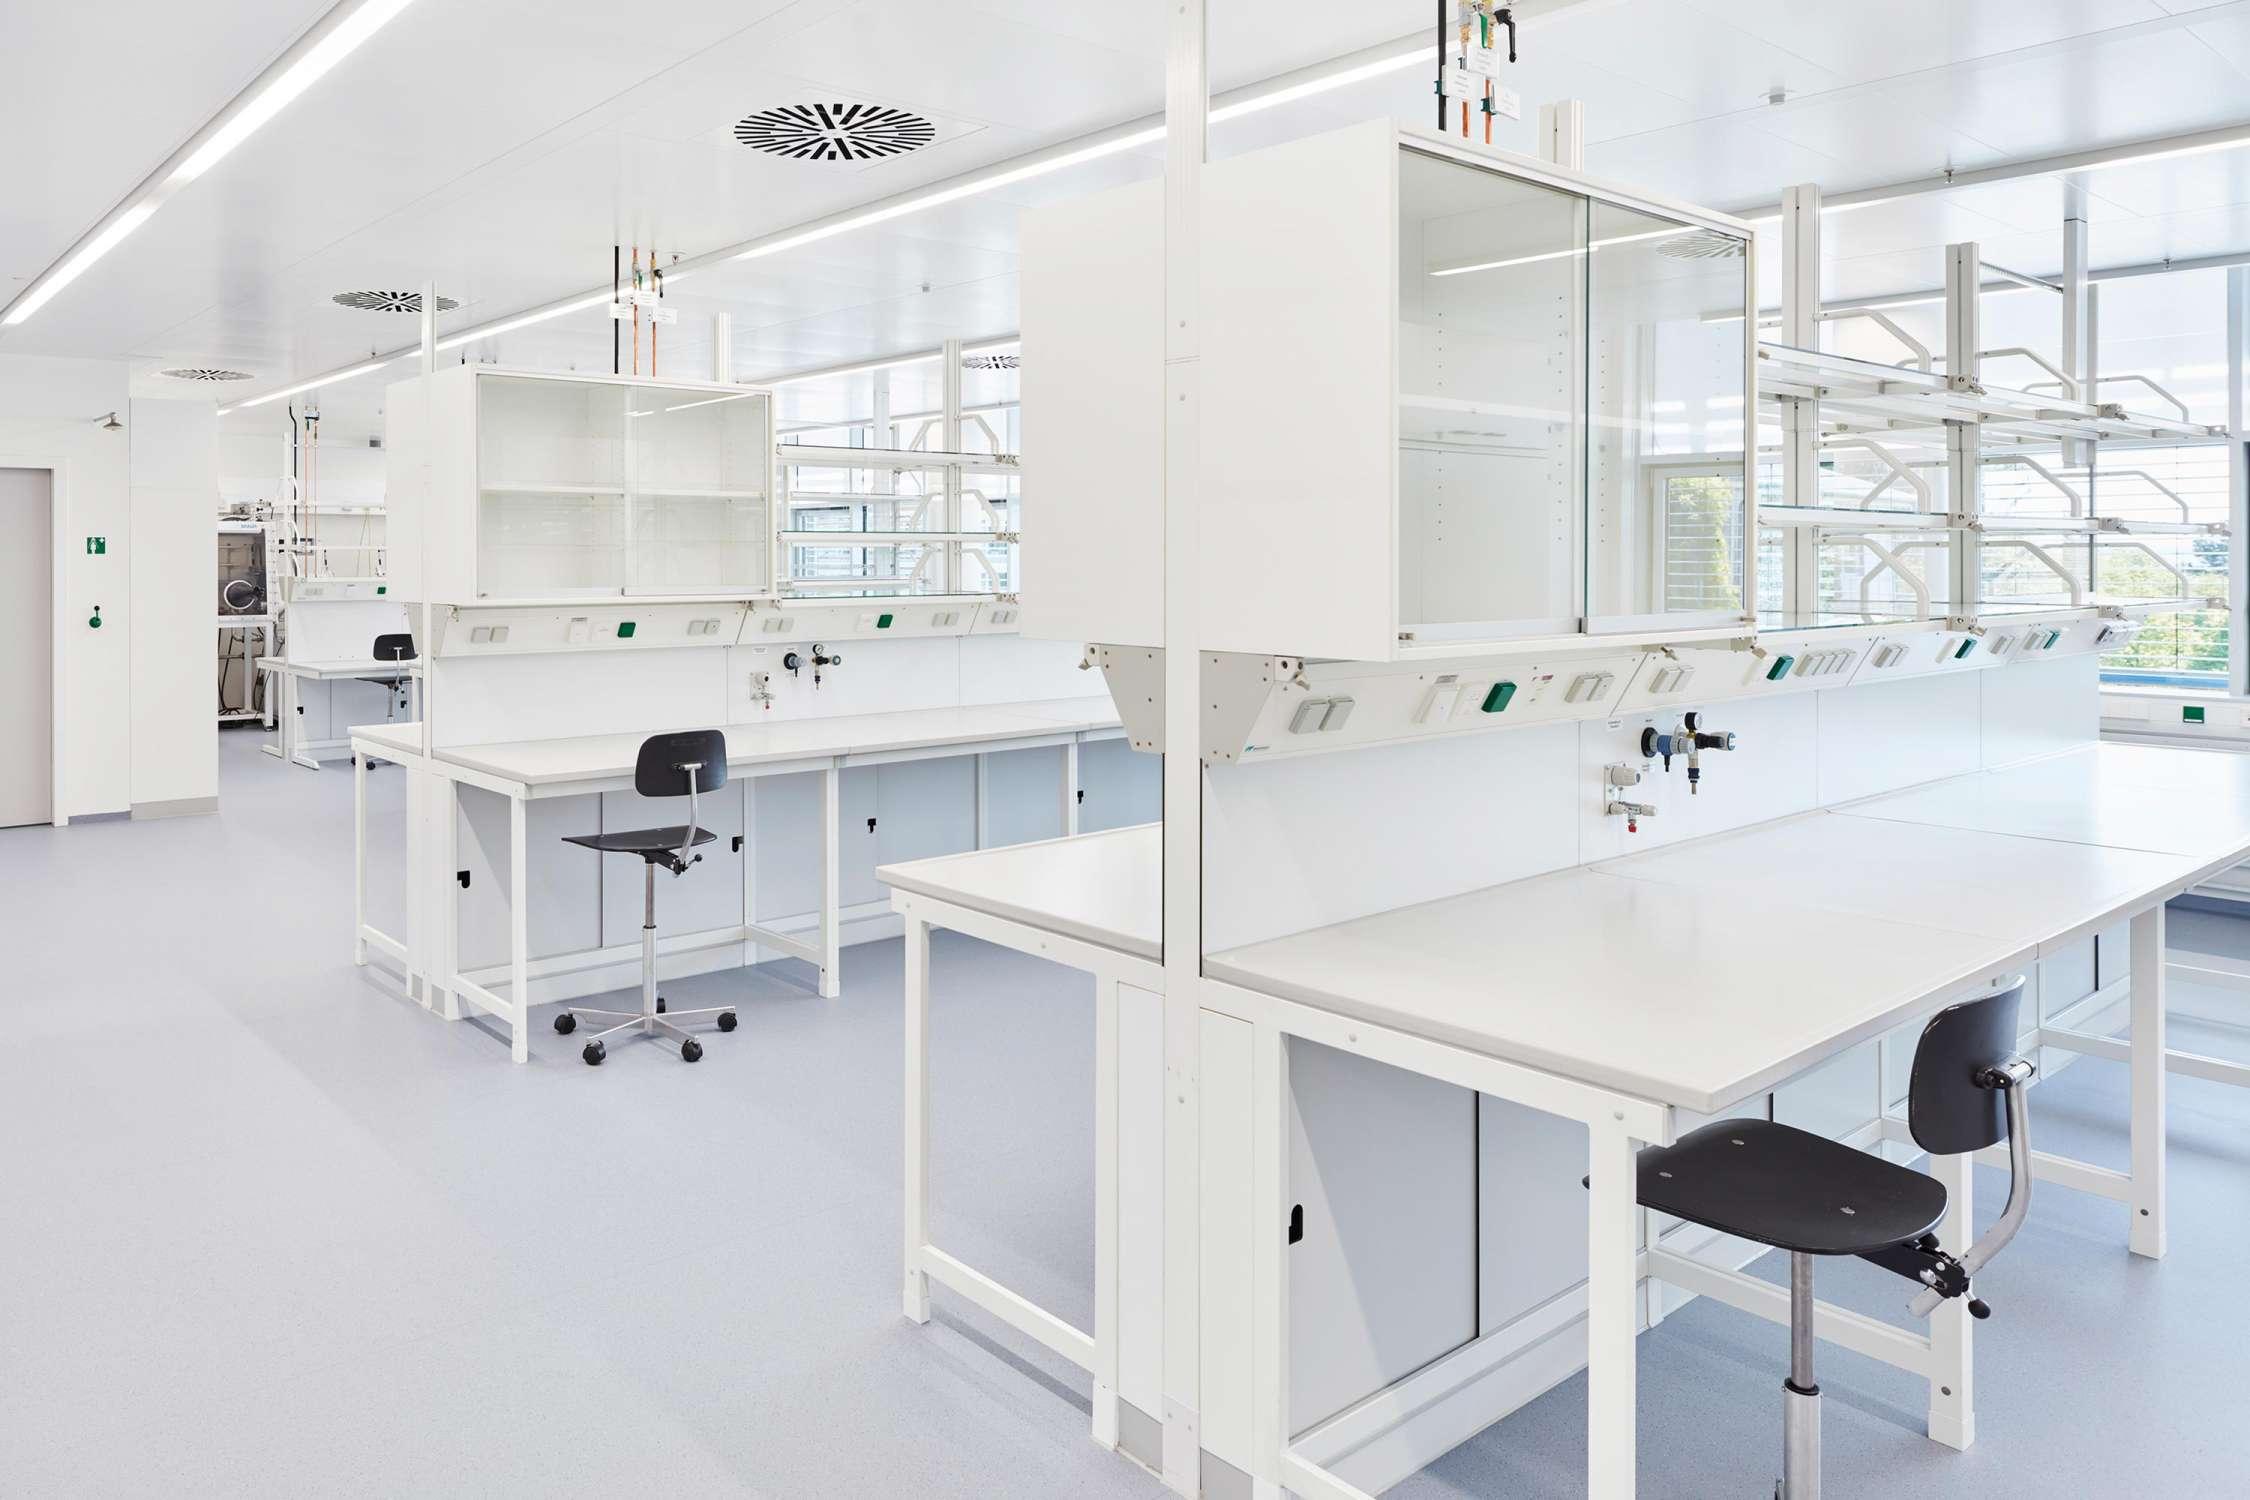 Laborflächen für die Mikrobiomforschung (1)